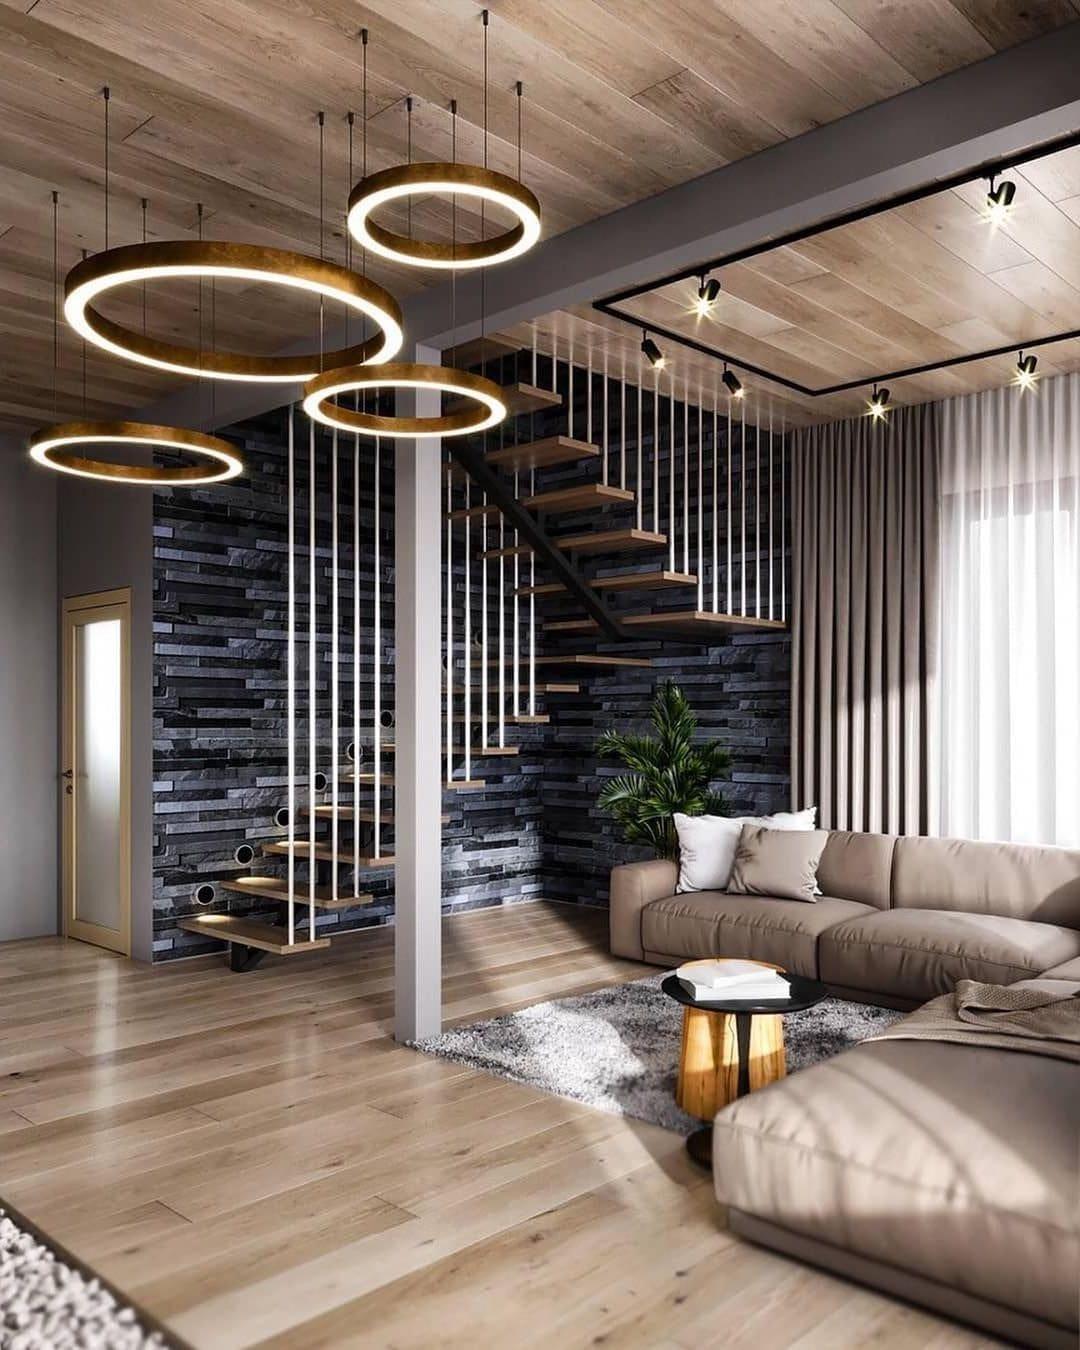 Красивый дизайн потолка — стильные новинки и модные тренды 2020 года (фото)